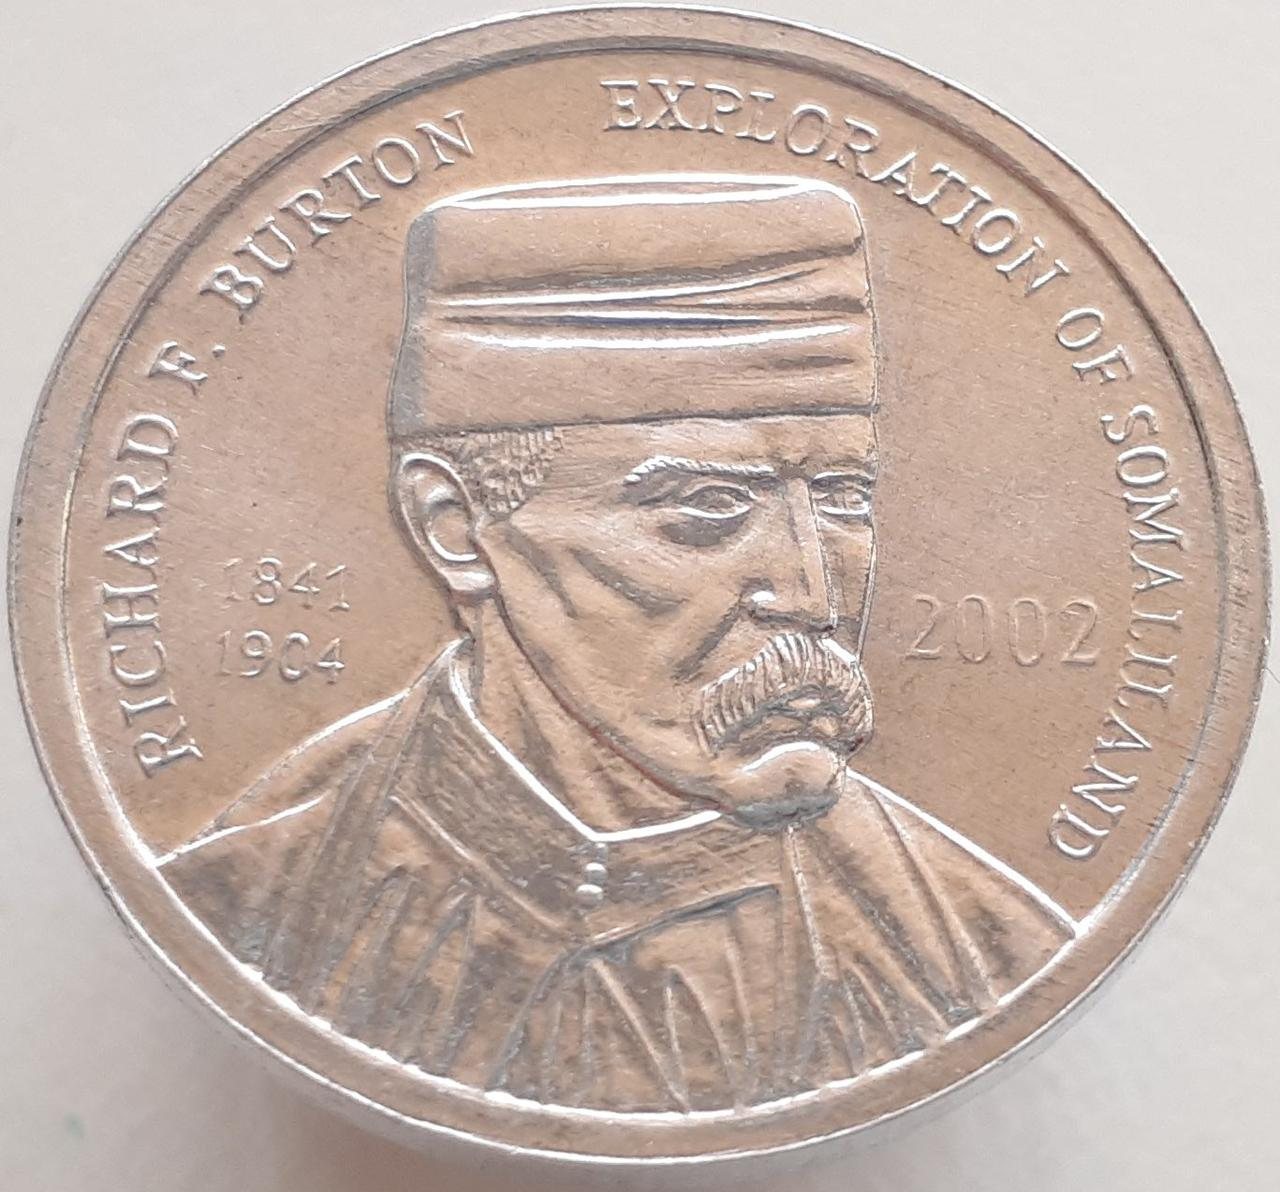 Сомалиленд 5 шиллингов 2002 - Ричард Френсис Бёртон